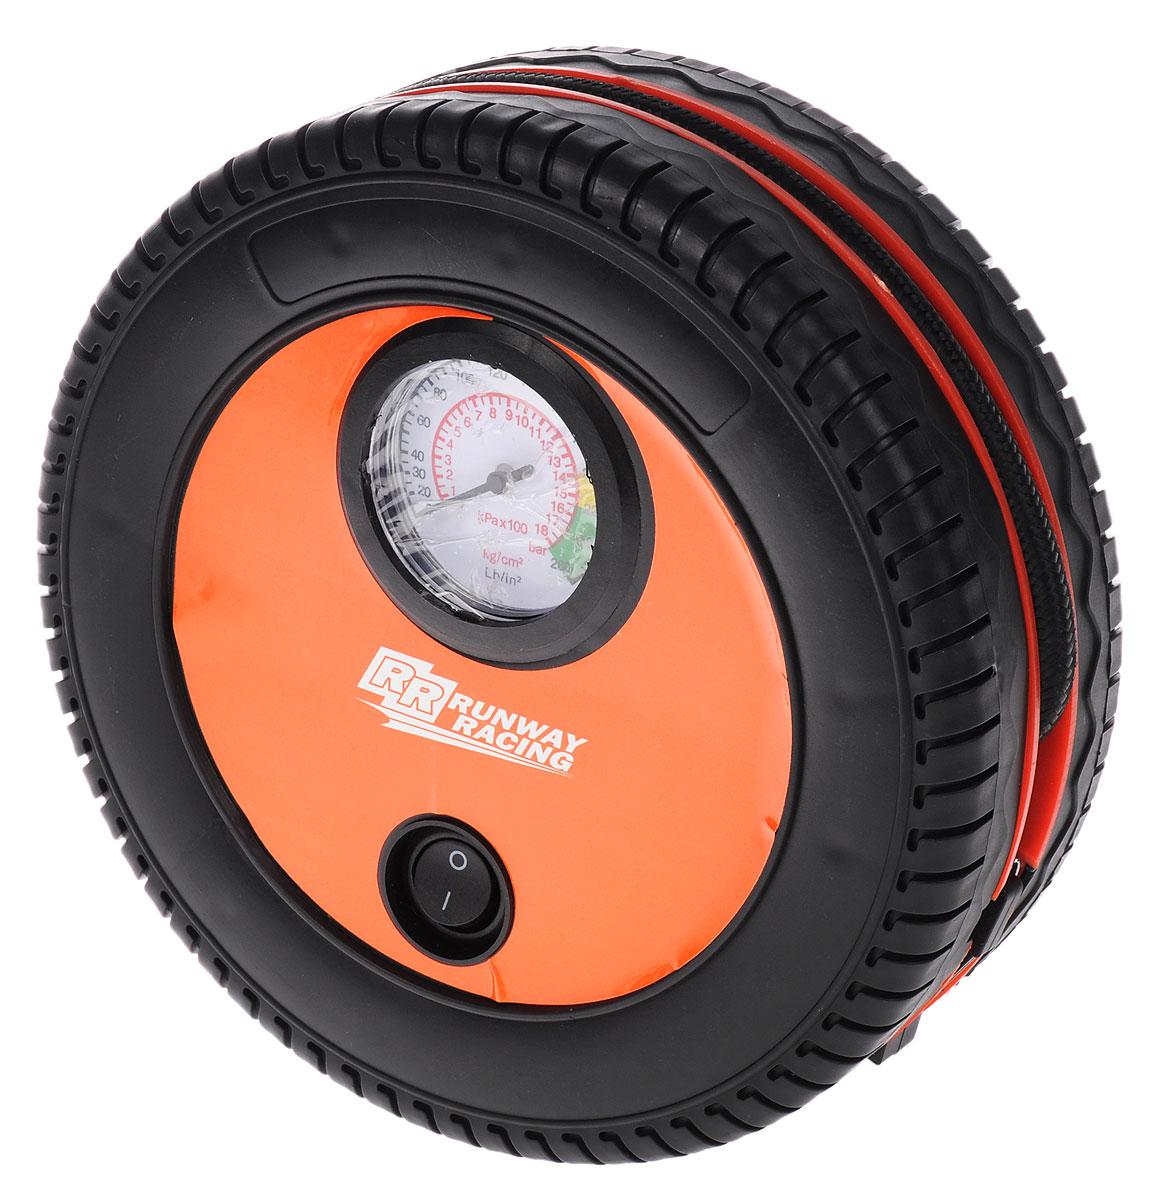 Компрессор автомобильный Runway Racing, 12В. RR131RR131Компрессор Runway Racing подходит для автомобильных и велосипедных шин, для матрасов и лодок и других надувных изделий из резины. Он мощный, компактный и удобный в использовании. Компрессор выполнен из прочного пластика в виде колеса. Шланг и кабель питания убираются в кабель, что обеспечивает компактное хранение изделия. Питается компрессор от автомобильной сети 12В. В комплекте насадки для накачивания различных резиновых предметов.Максимальное давление: 250 PSI (17 атм).Производительность: 18 л/мин.Вольтаж 12В.Время накачивания стандартной шины: 8 минут.